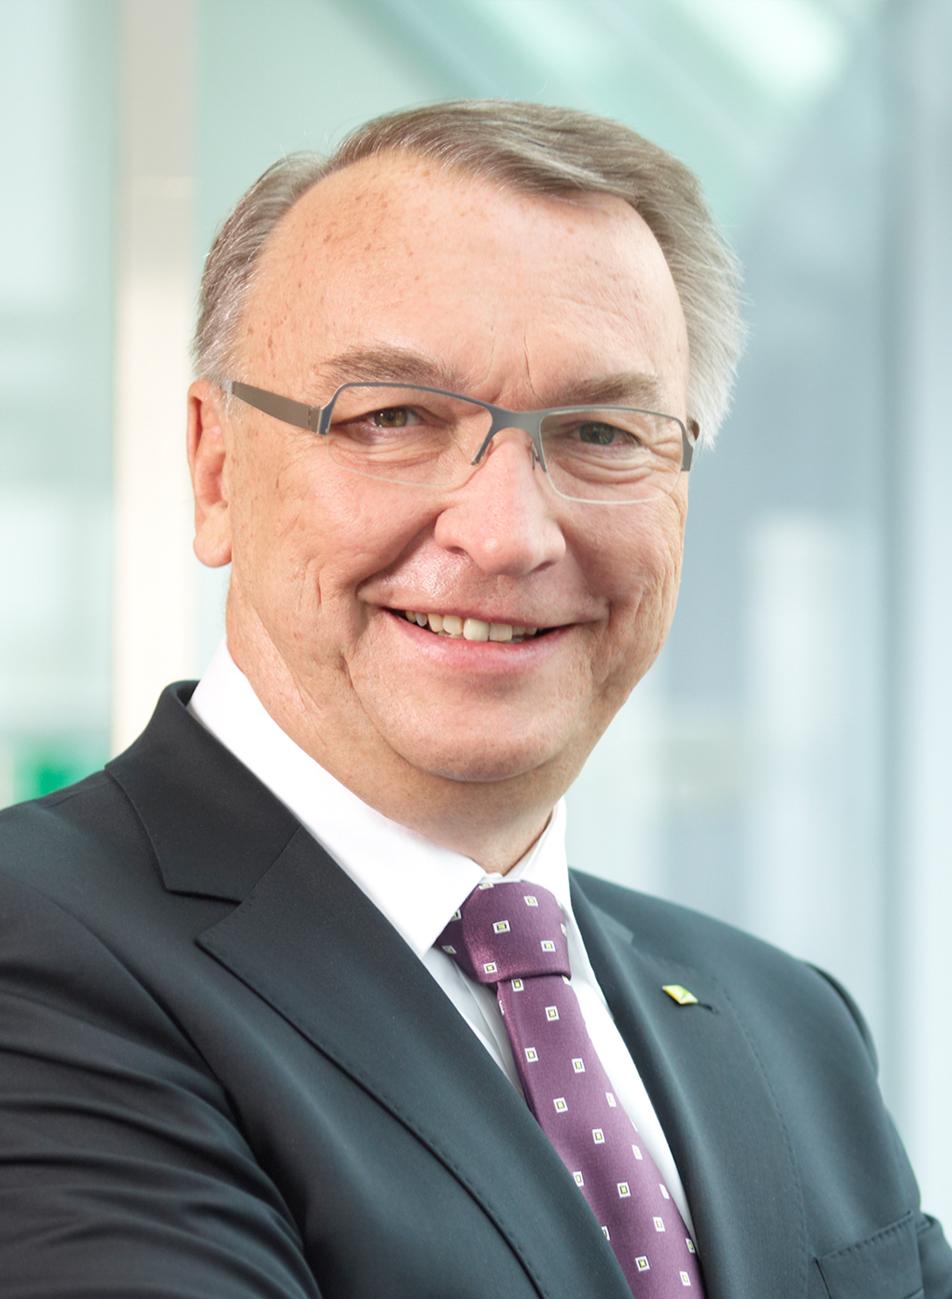 Eckhard Schwarzer, Vorstandsmitglied Service und Vertrieb, Datev eG, Nürnberg